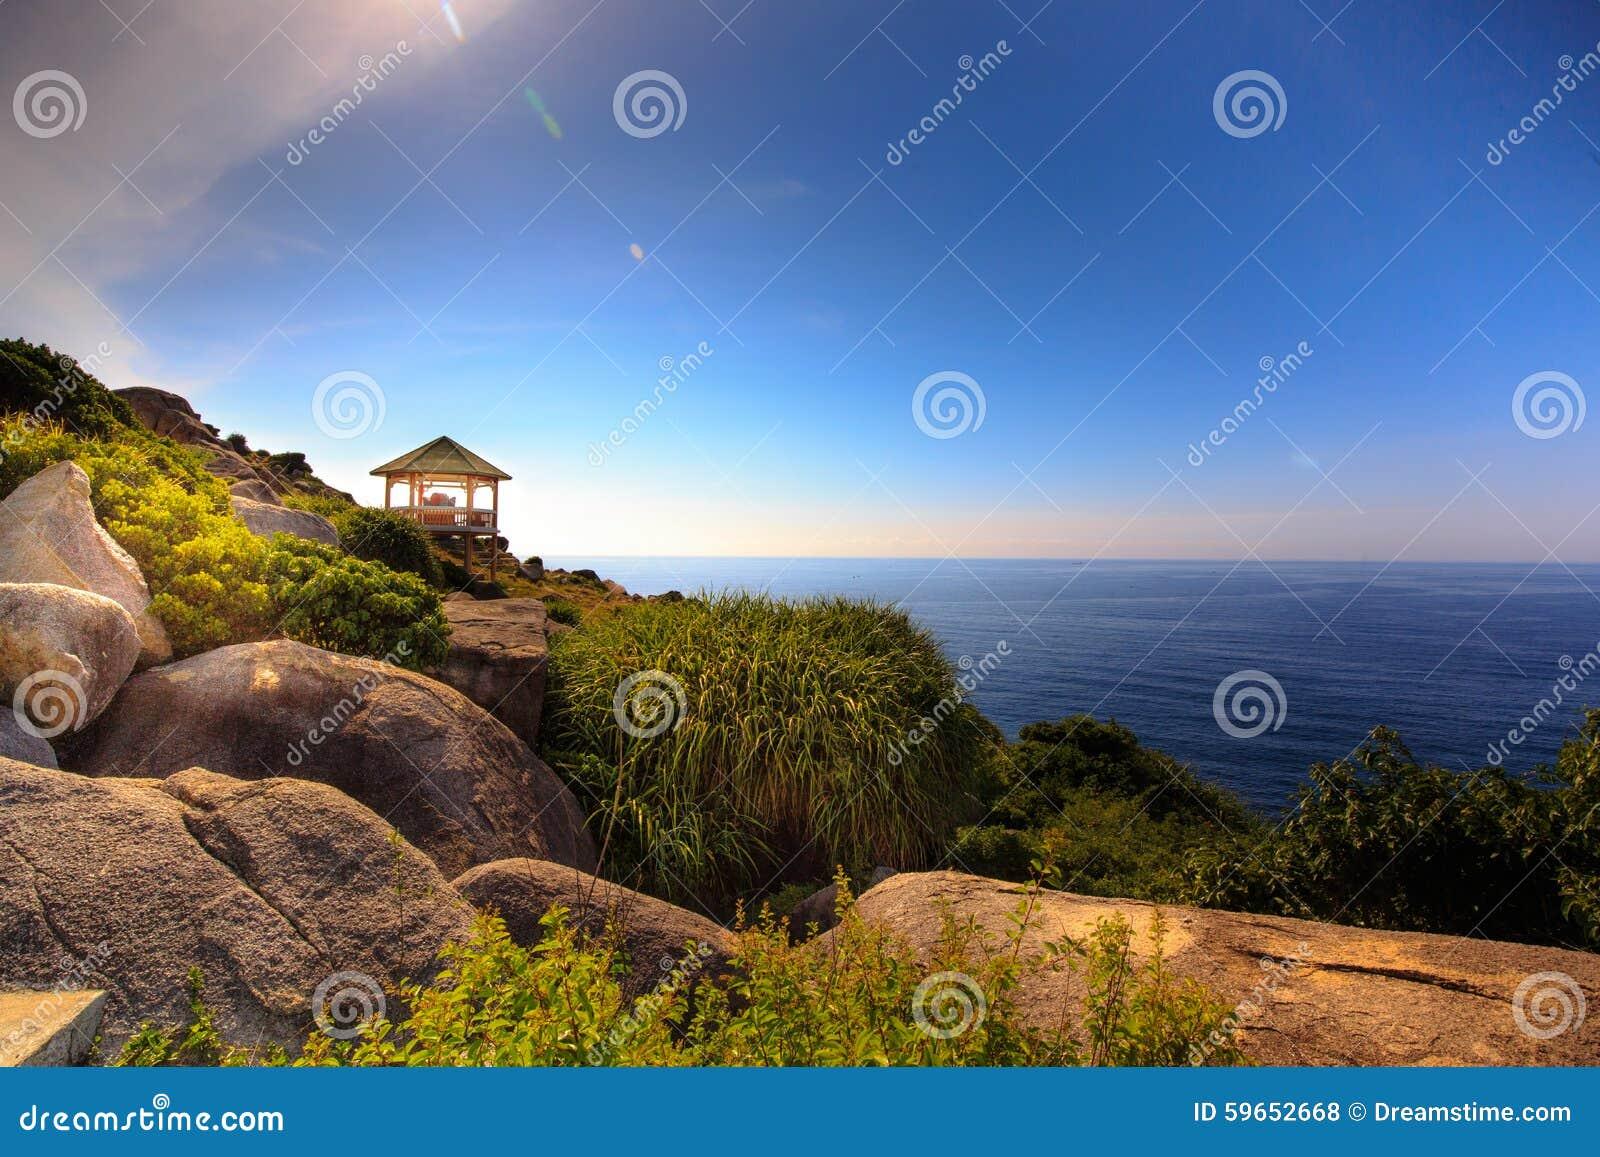 Gazebo en el Mountain View al mar